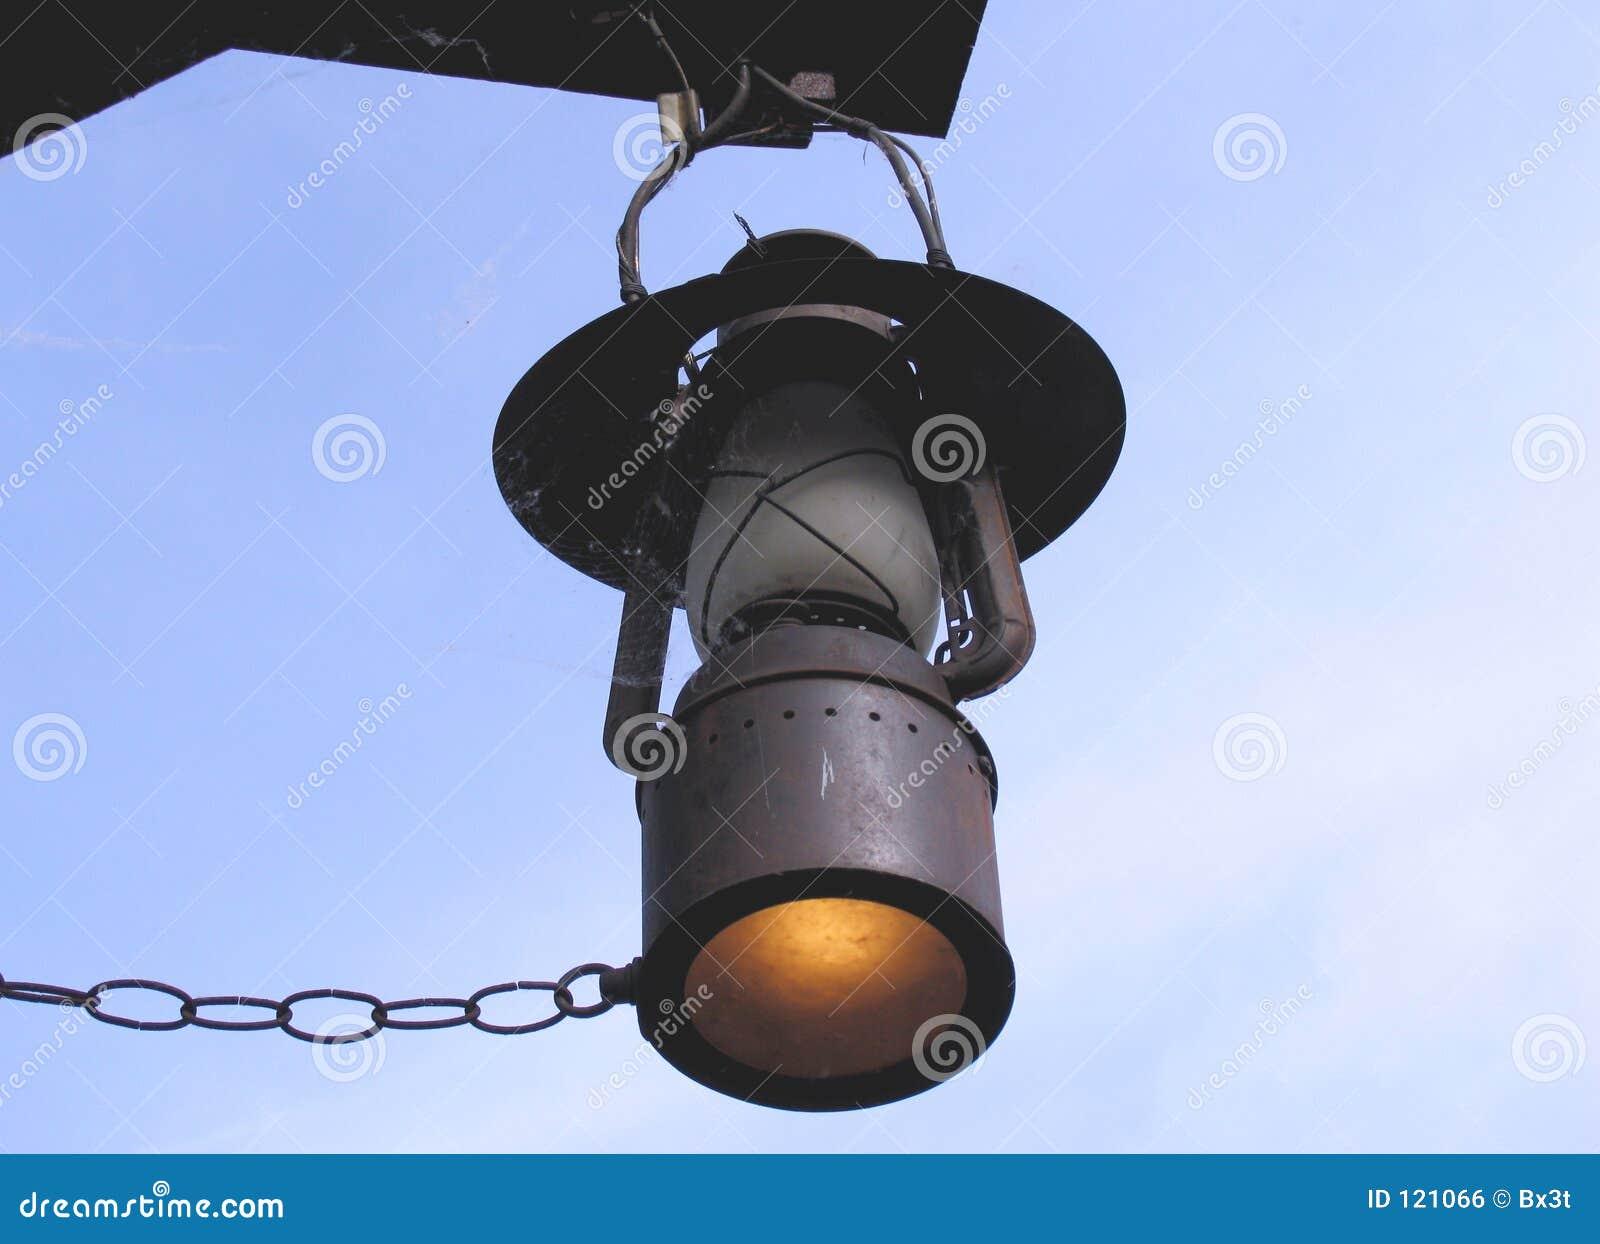 vieille lampe de gaz photo stock image du lampe coup 121066. Black Bedroom Furniture Sets. Home Design Ideas